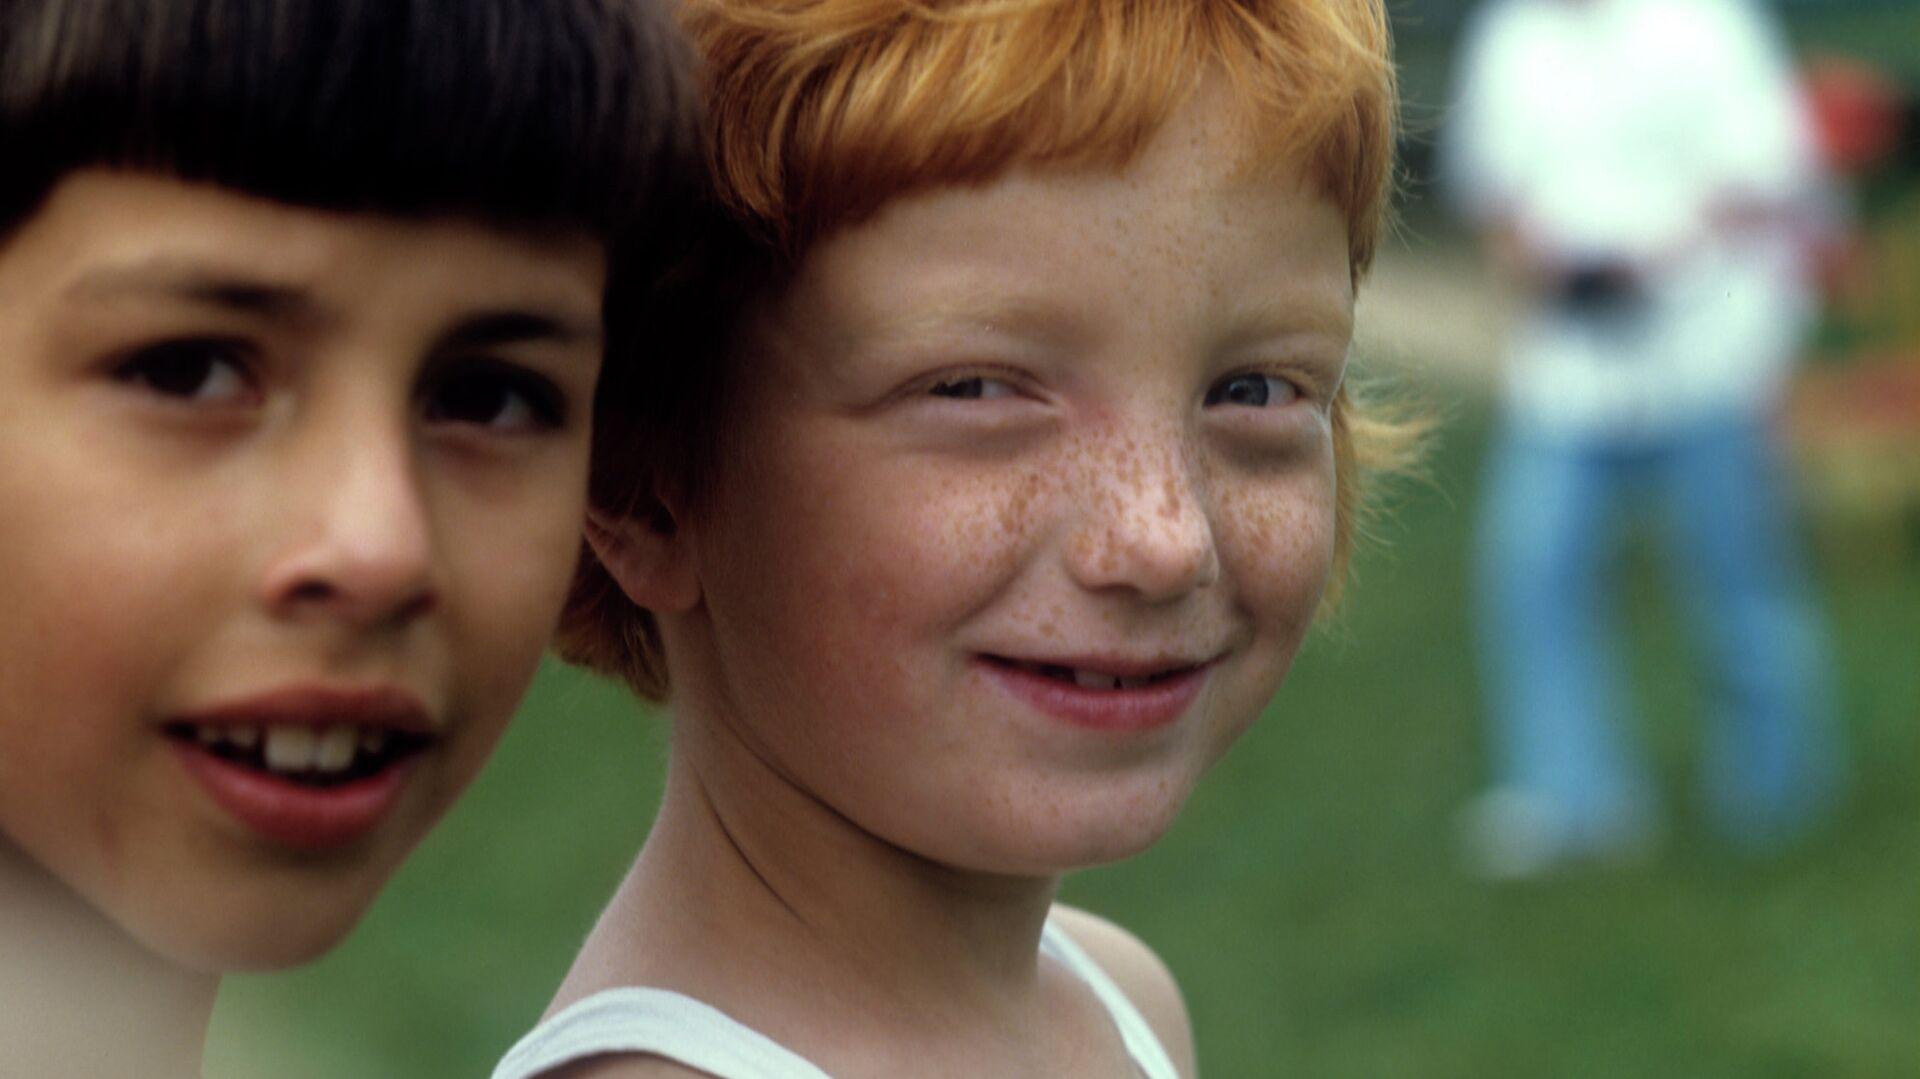 Перечислены признаки развития опасного типа рака у детей